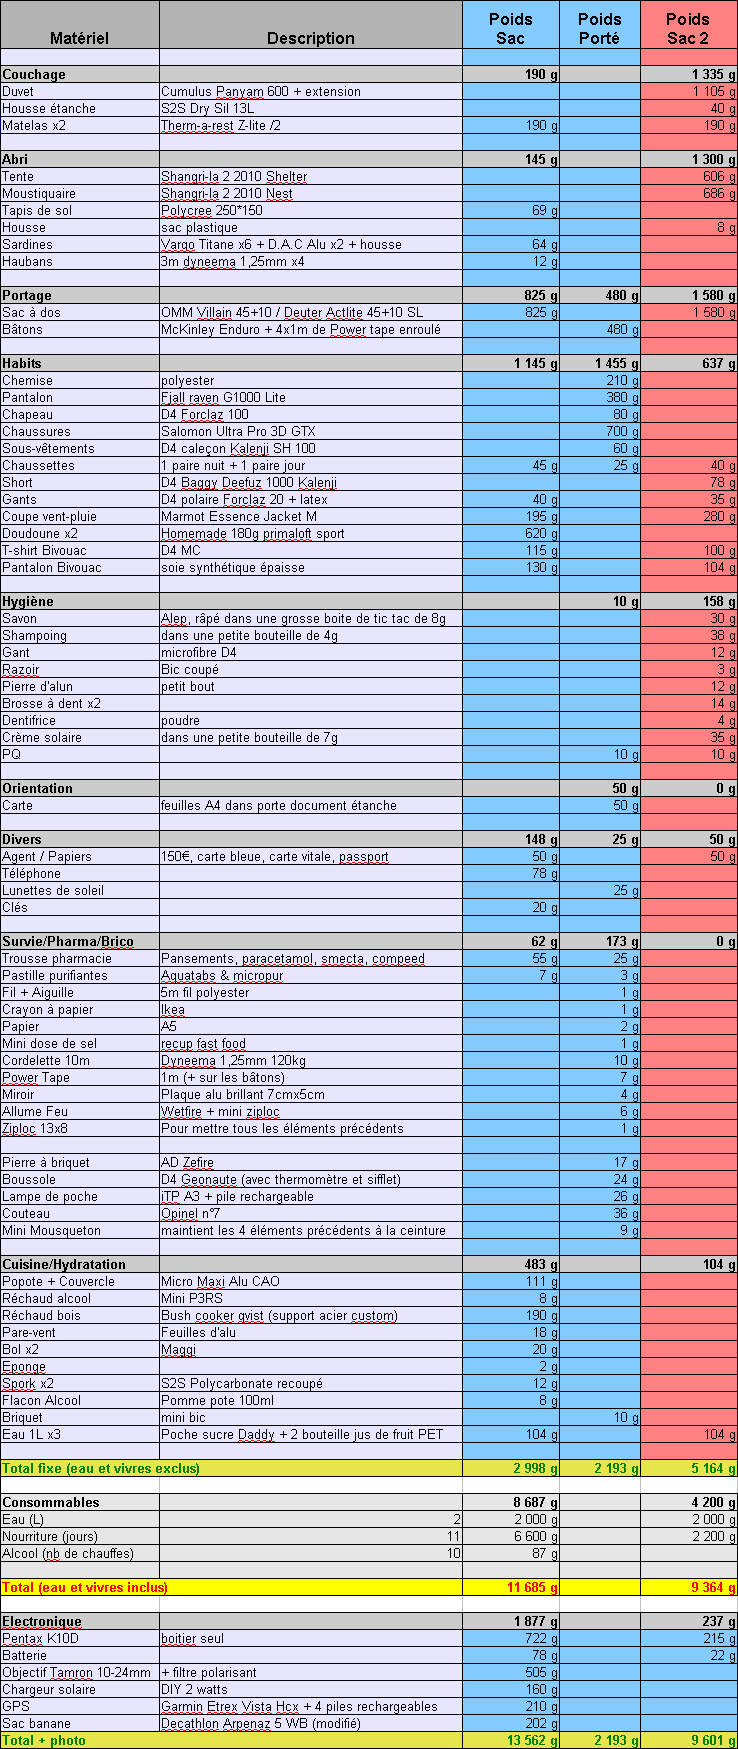 Liste pour les 12 jours de la GTAM